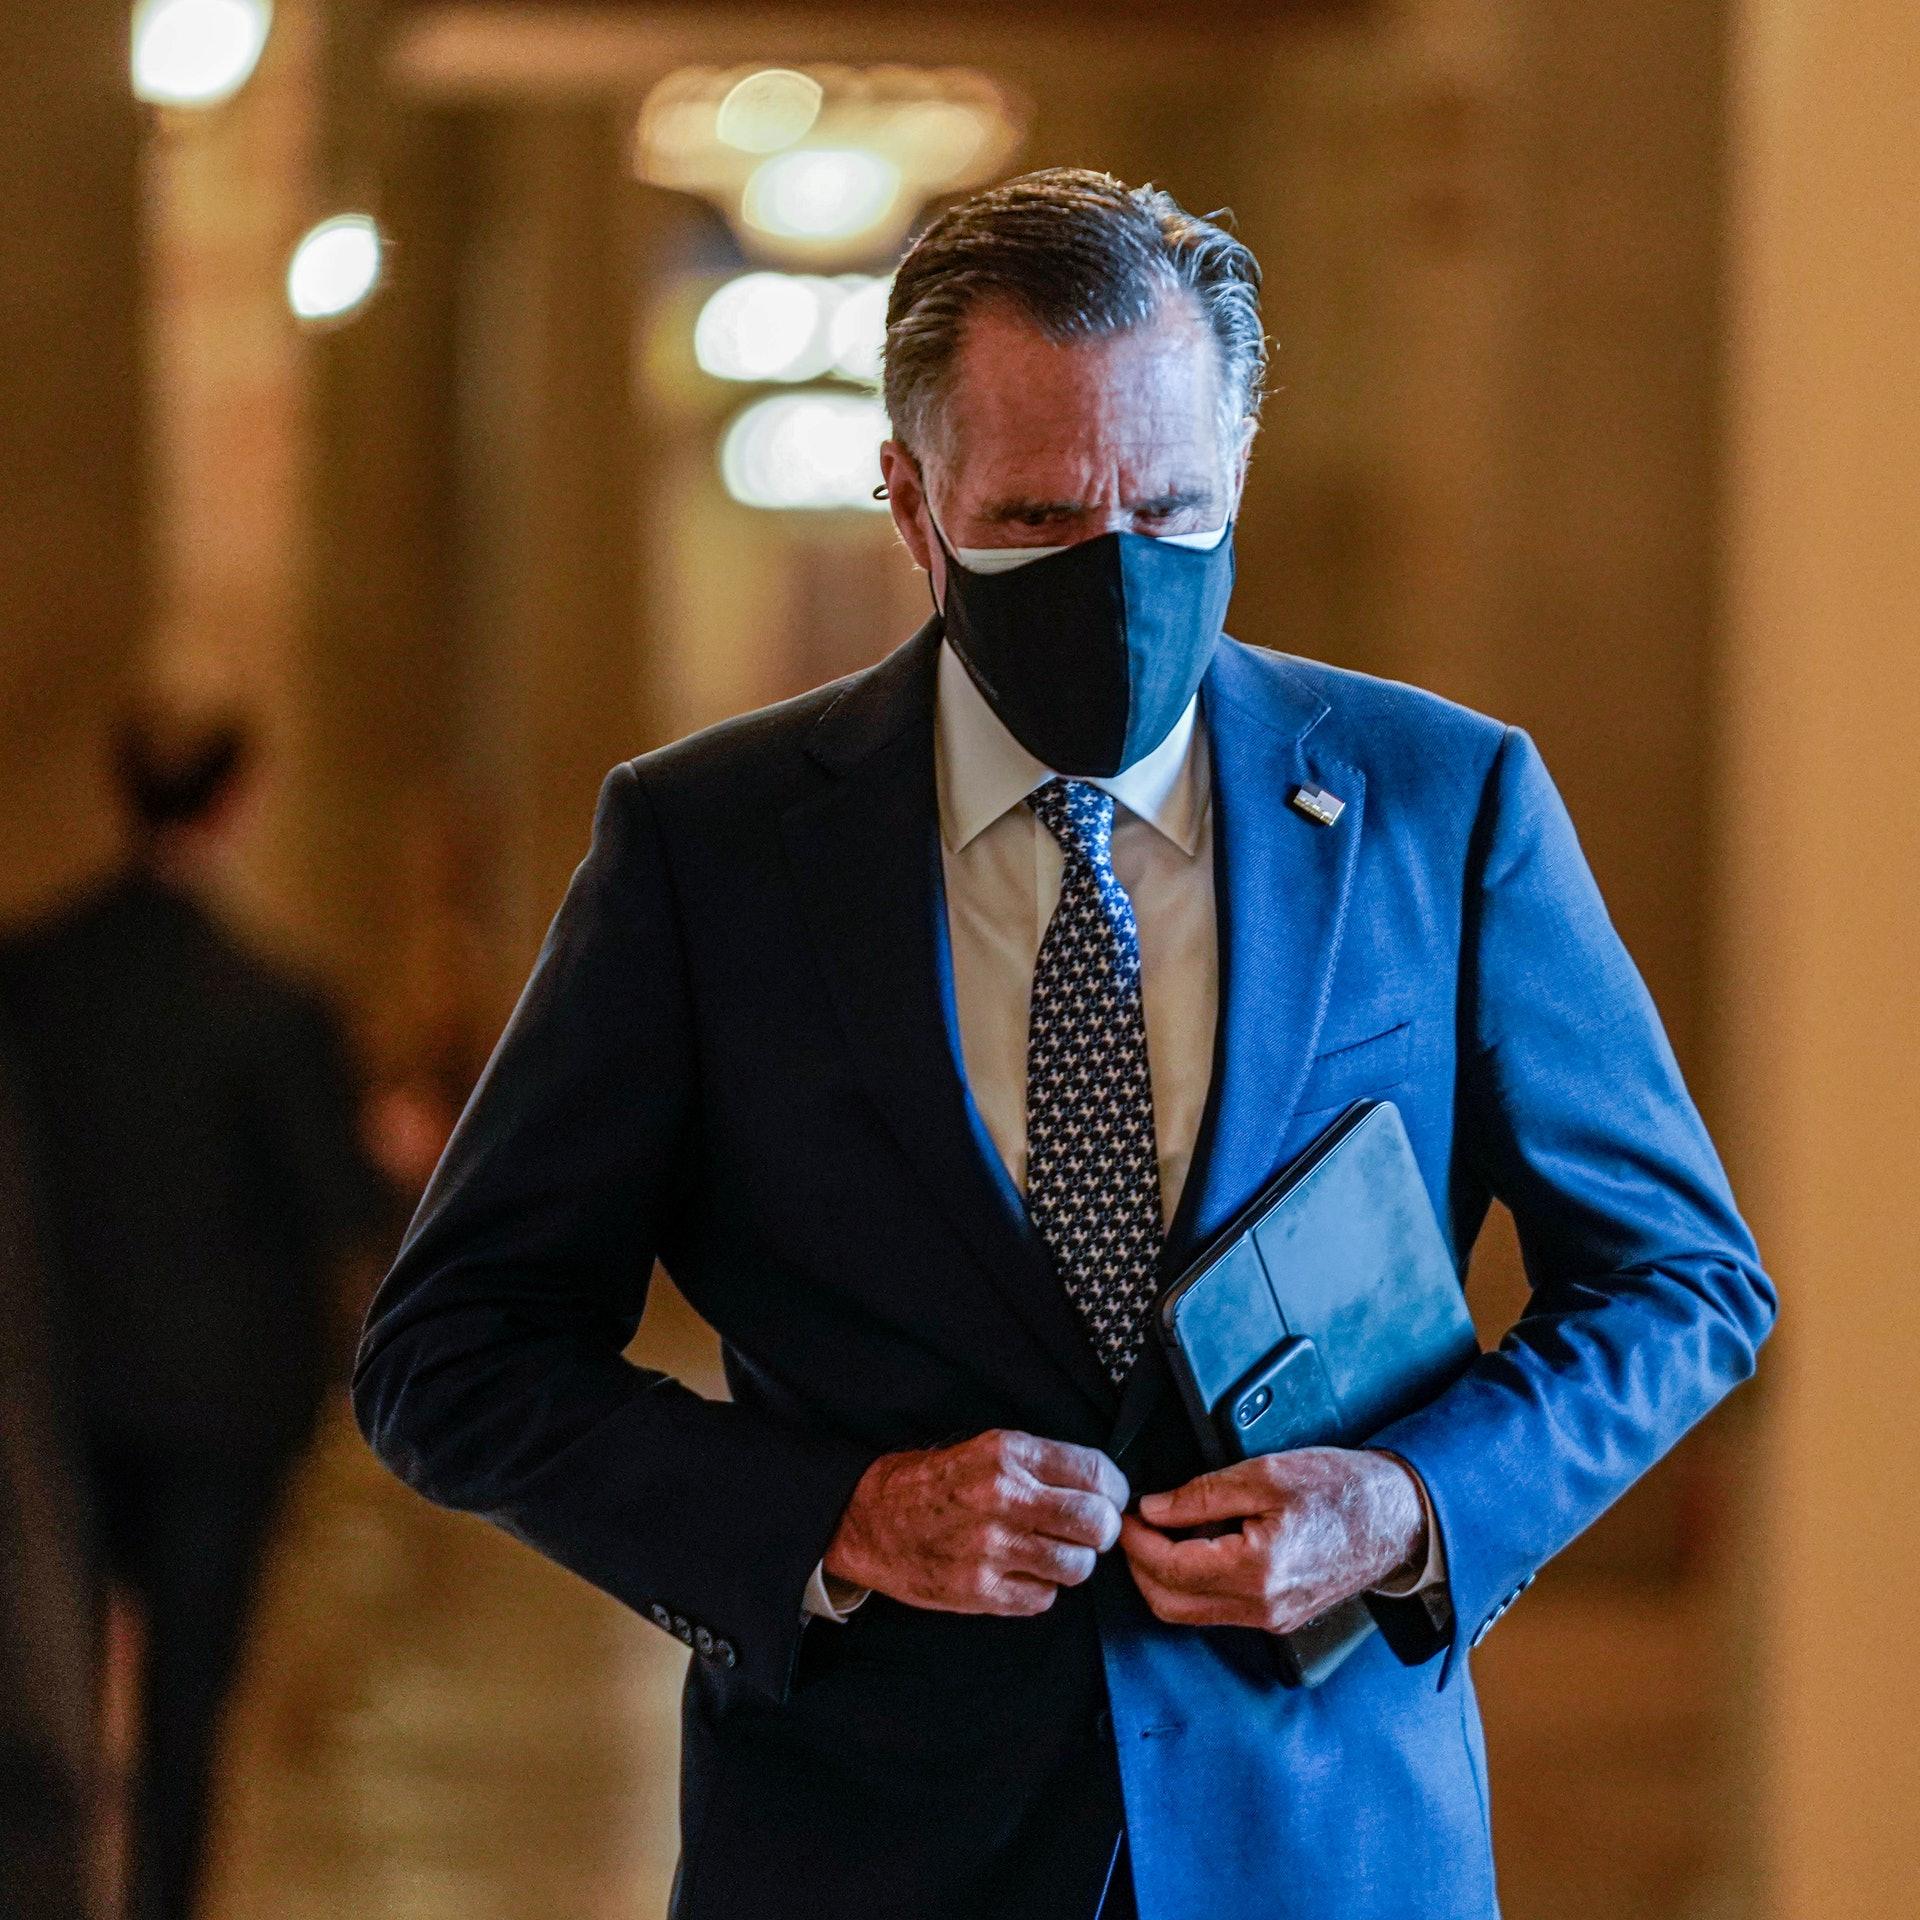 圖為10月22日共和黨參議員羅姆尼在國會山莊前往參議院投票。(Reuters)